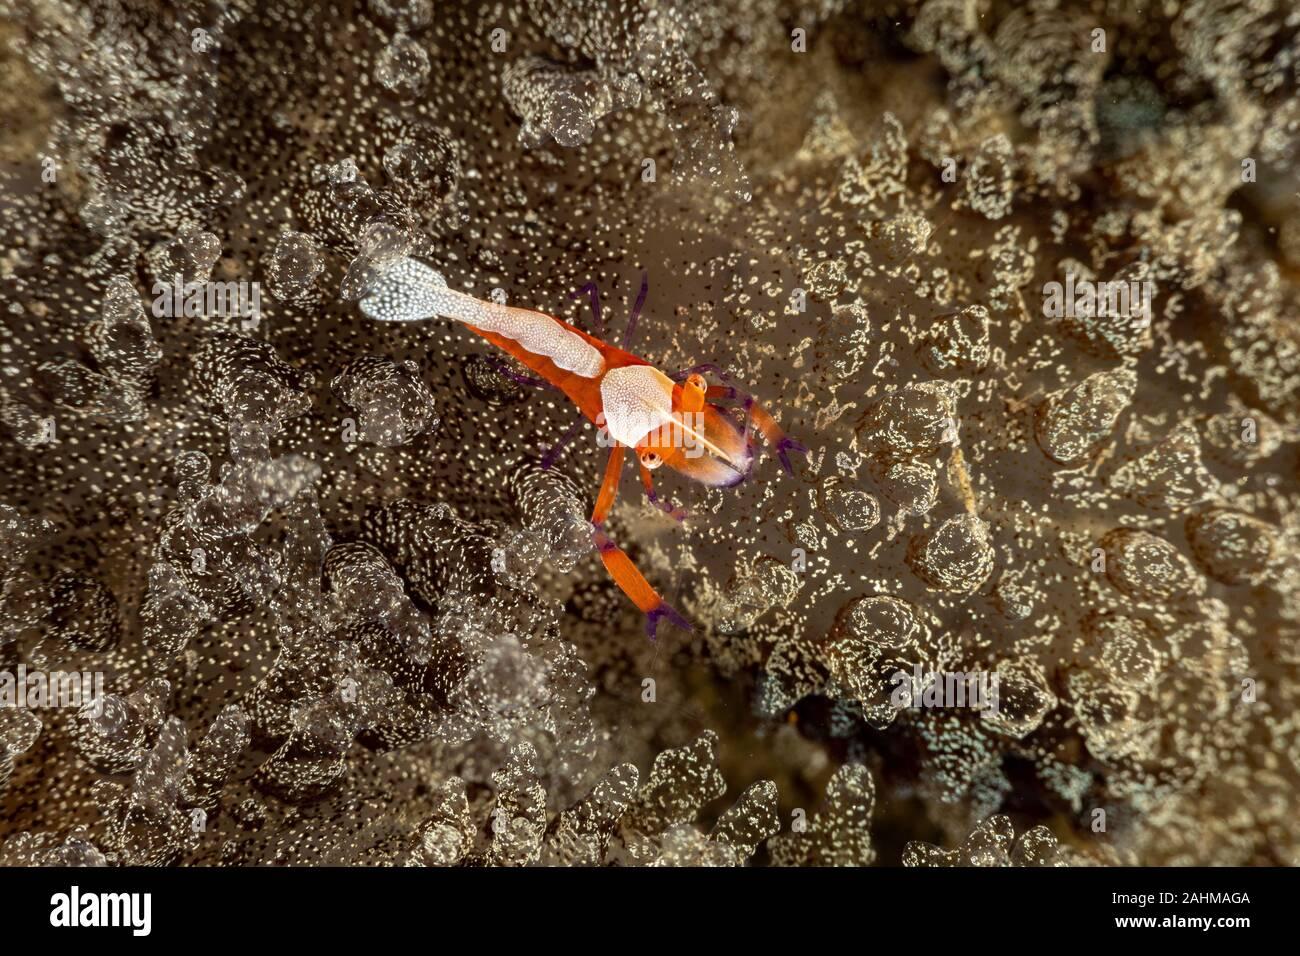 L'empereur, la crevette Periclimenes imperator, est un organisme de crevettes avec une large distribution à travers l'Indo-Pacifique Banque D'Images